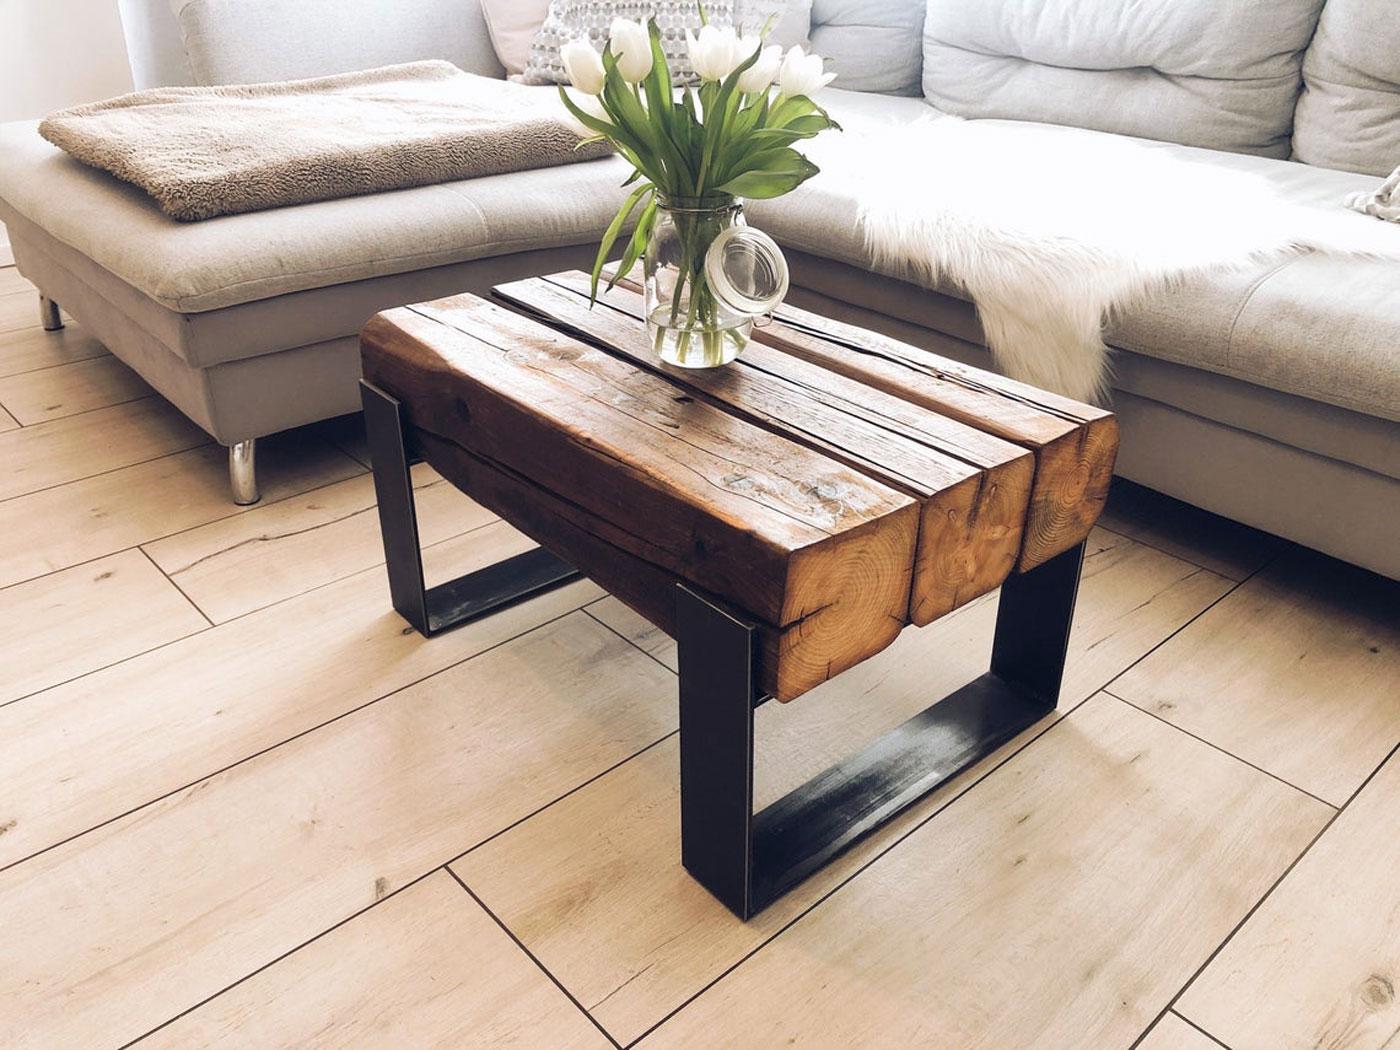 Tavolino da salotto in ferro e legno, arredamento stile industriale.